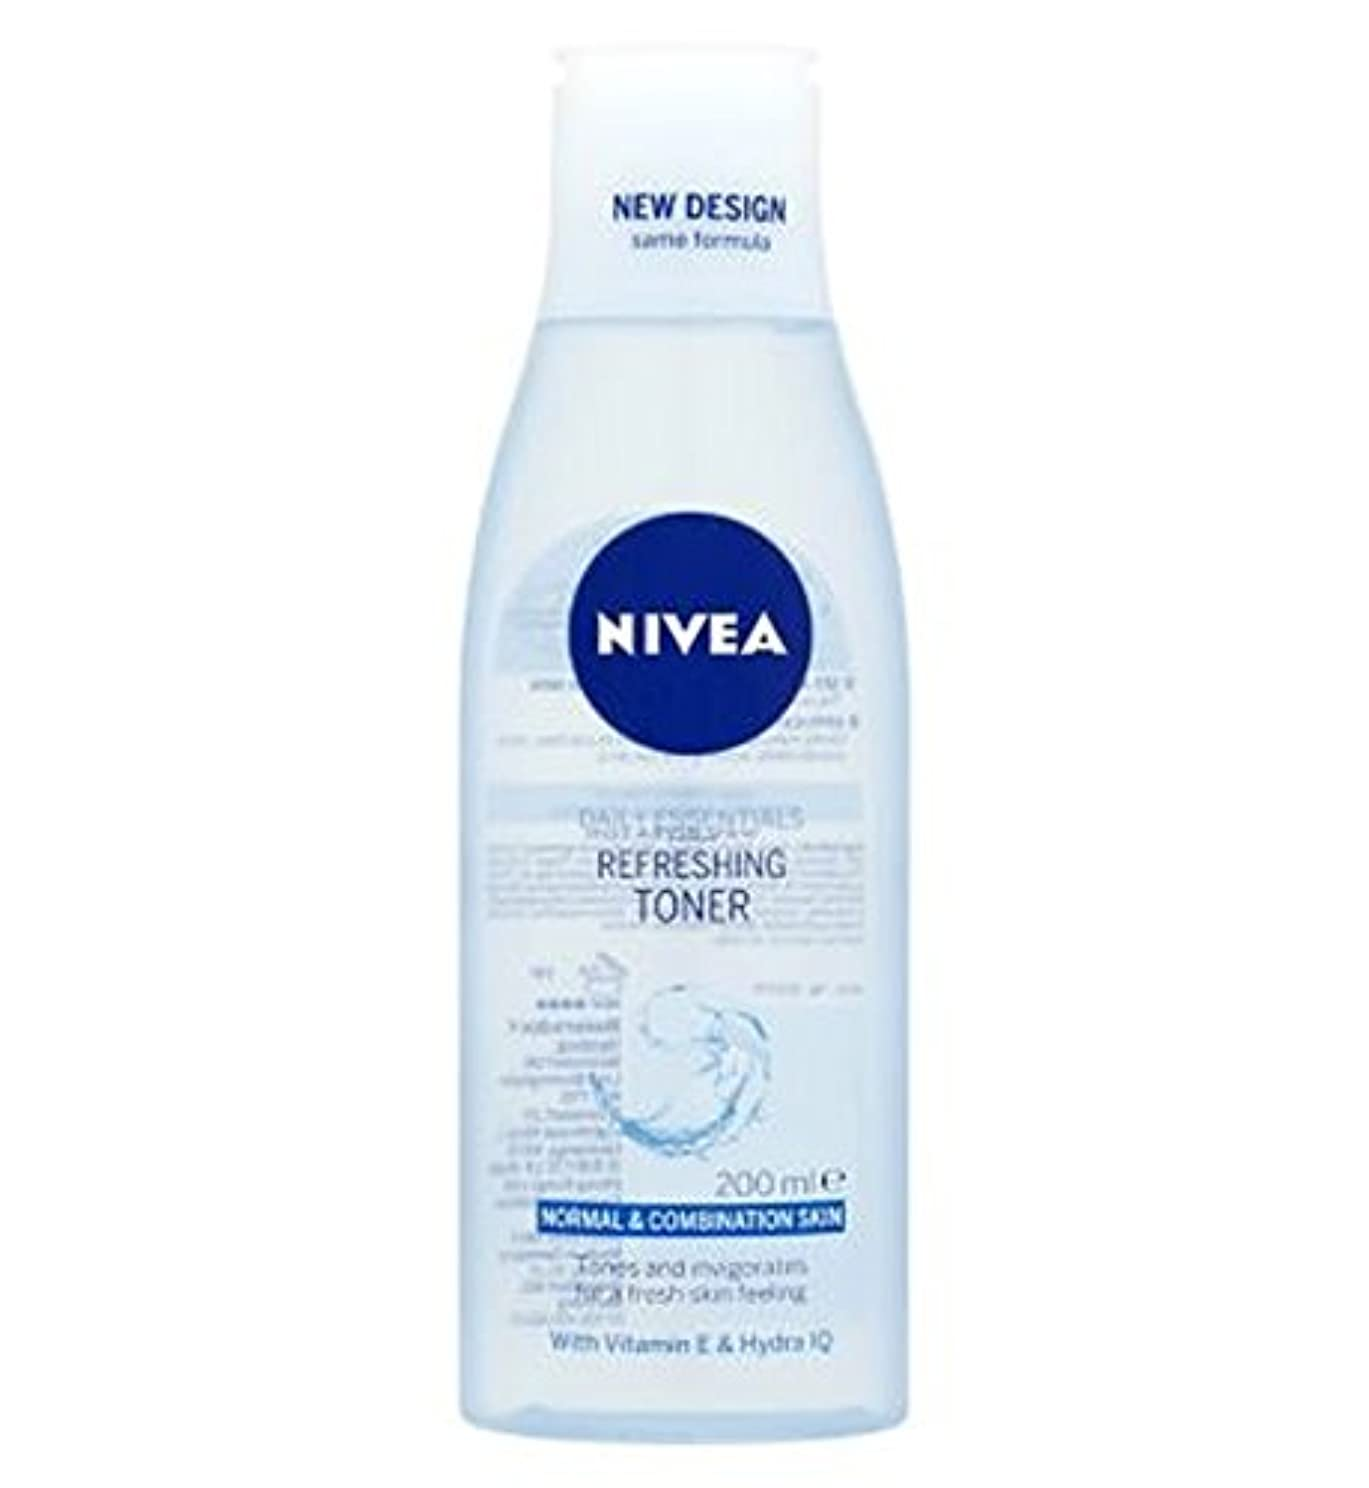 起訴する主張する呼吸するNivea Daily Essentials Refreshing Toner 200ml - トナー200ミリリットルをリフレッシュニベア生活必需品 (Nivea) [並行輸入品]